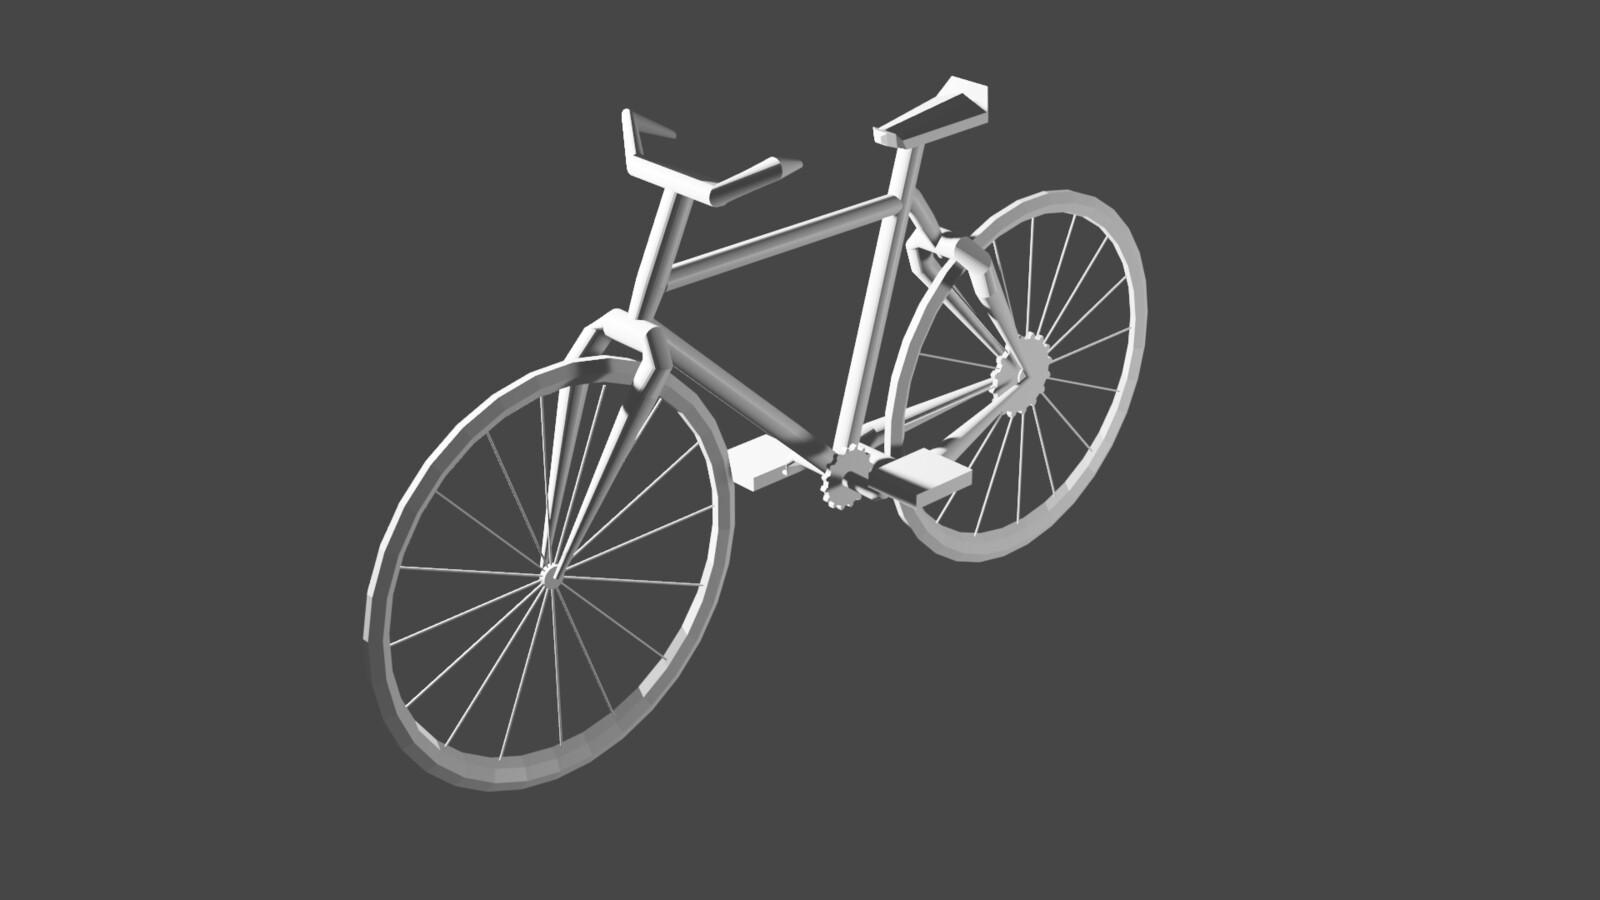 Bike 1.0